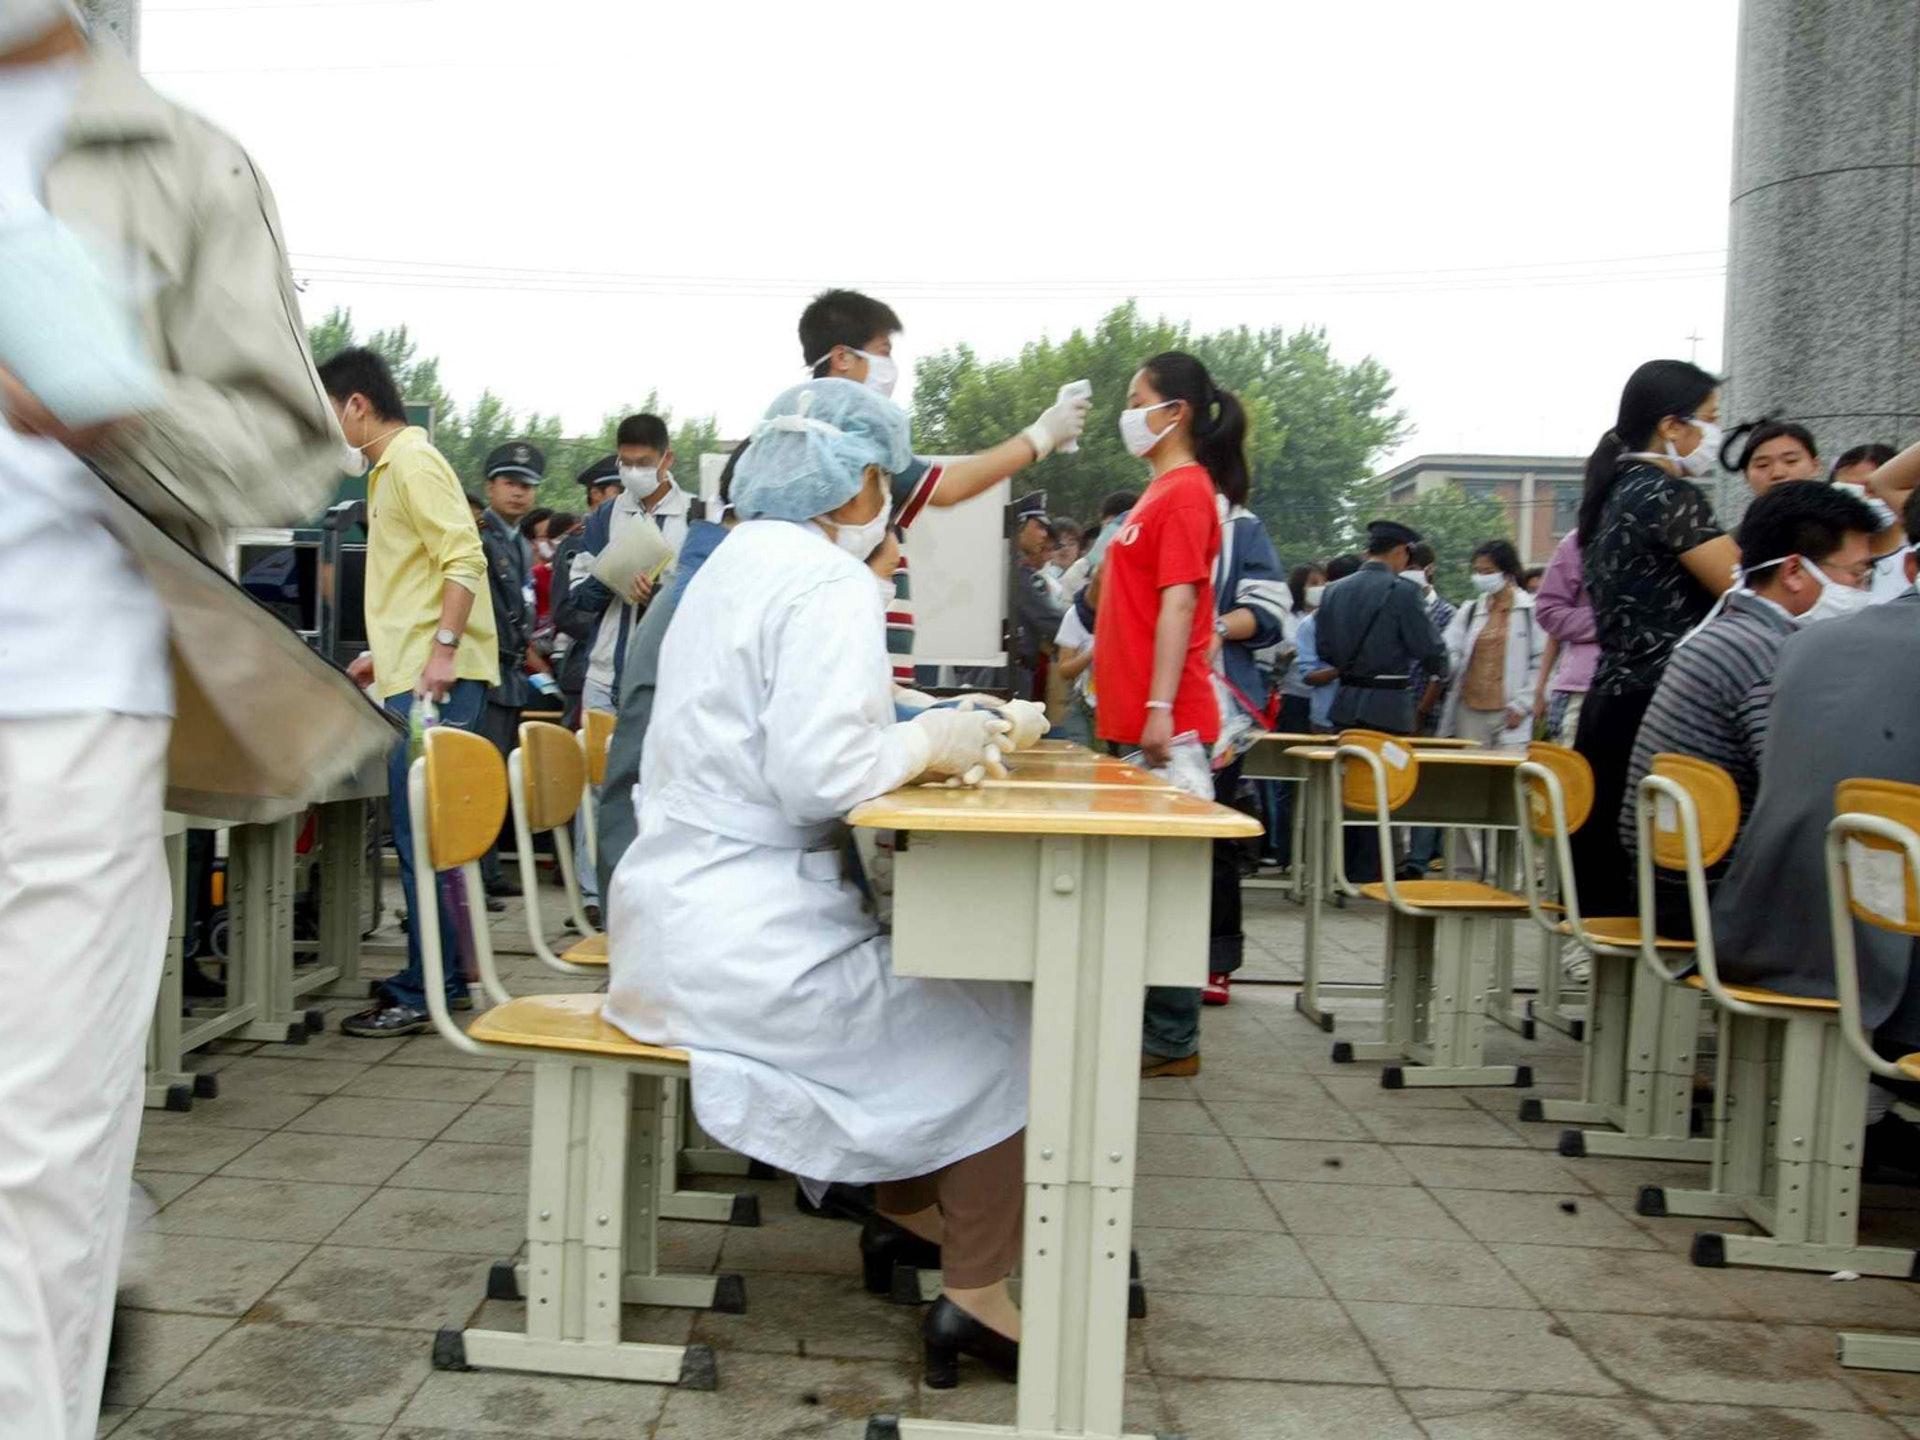 2003年6月7日,中国东北最大城市沈阳,非典时期的露天高考考场。(VCG)